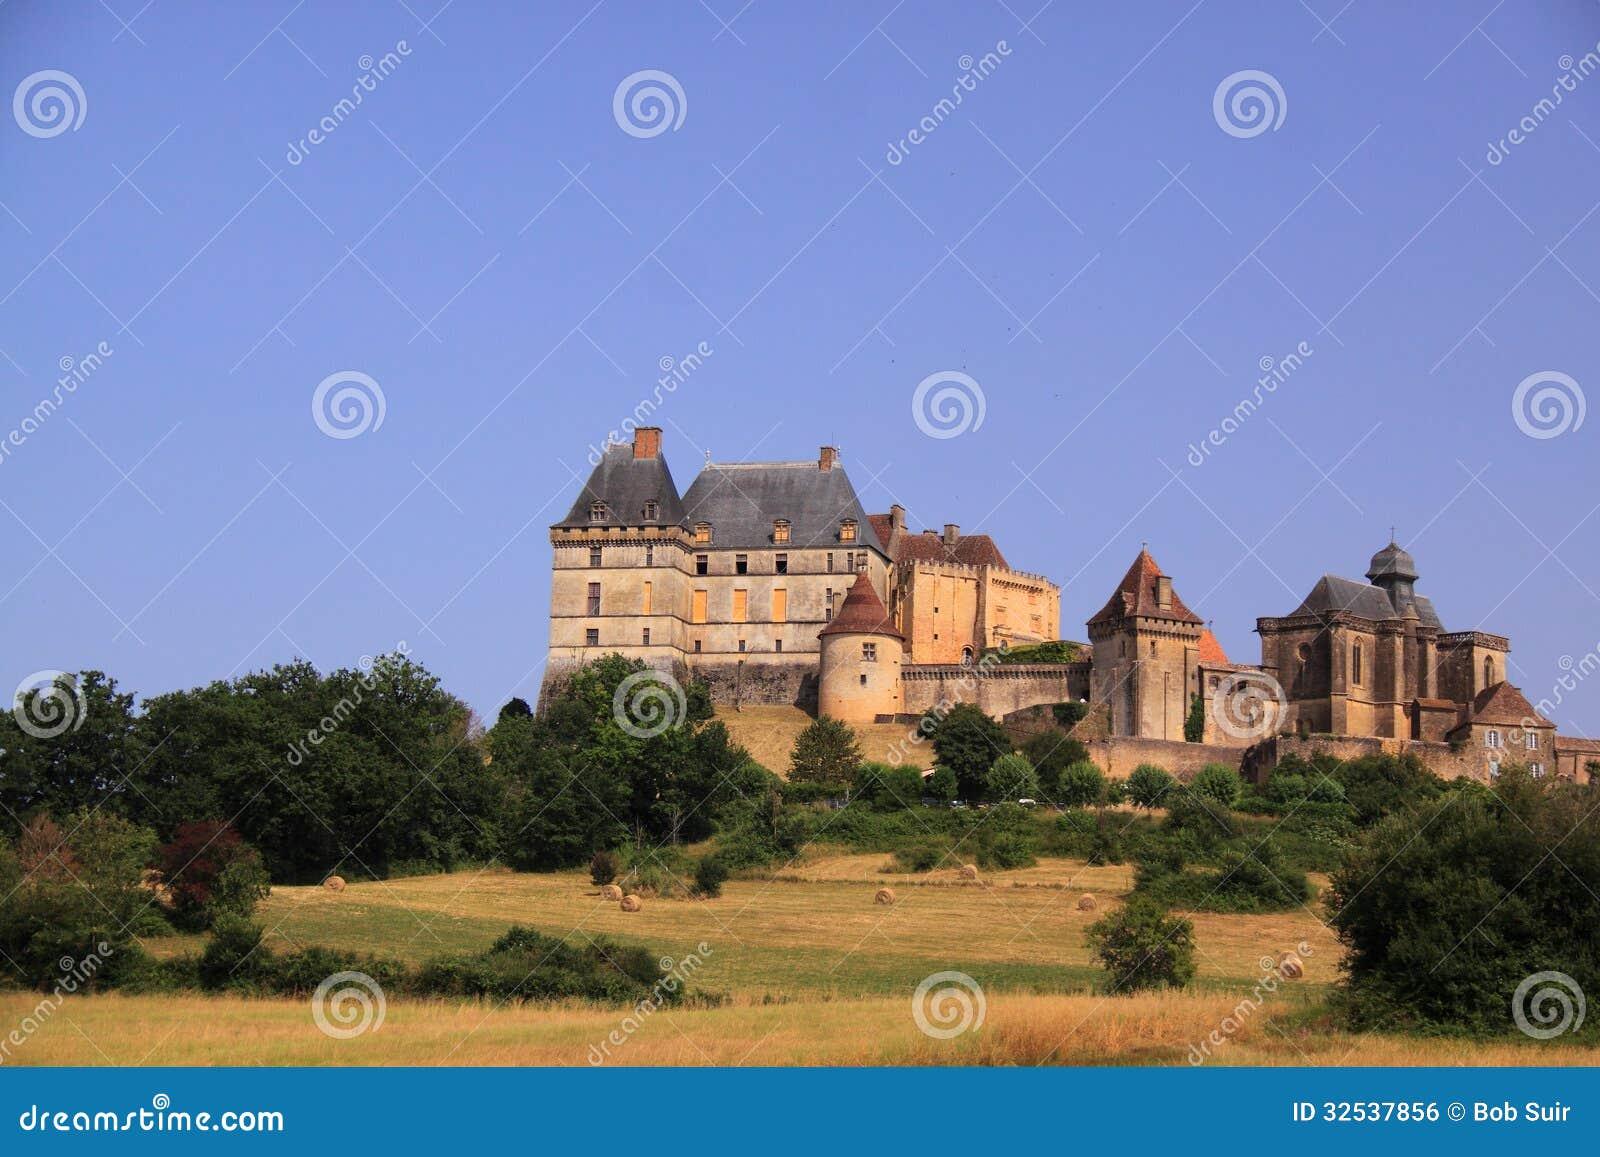 Dordogne Travel Blogs